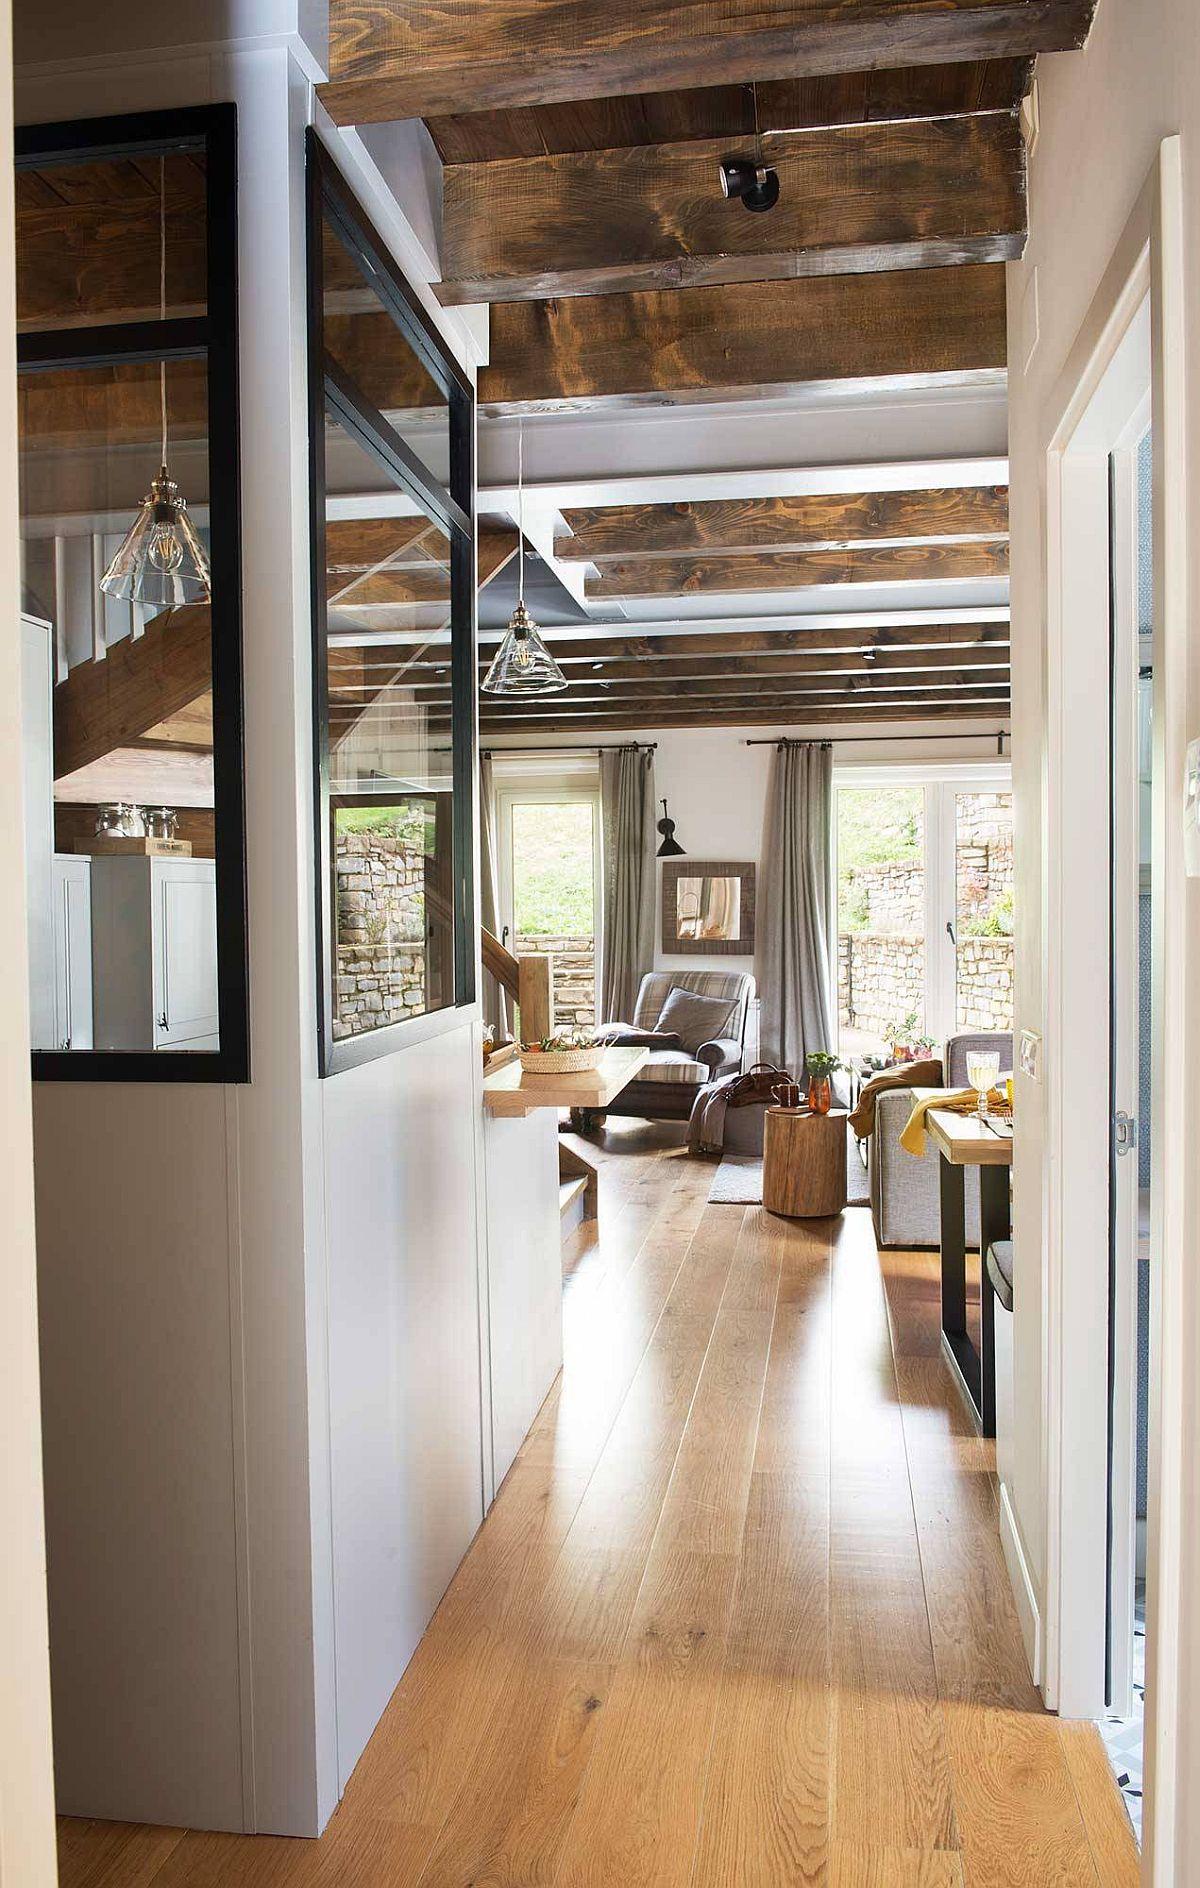 adelaparvu.com-despre-casa-de-vacanta-cu-lemn-de-castan-Pirinei-designer-Juanma-Alfonso-Luderna-Design-Foto-ElMueble 20 (1)